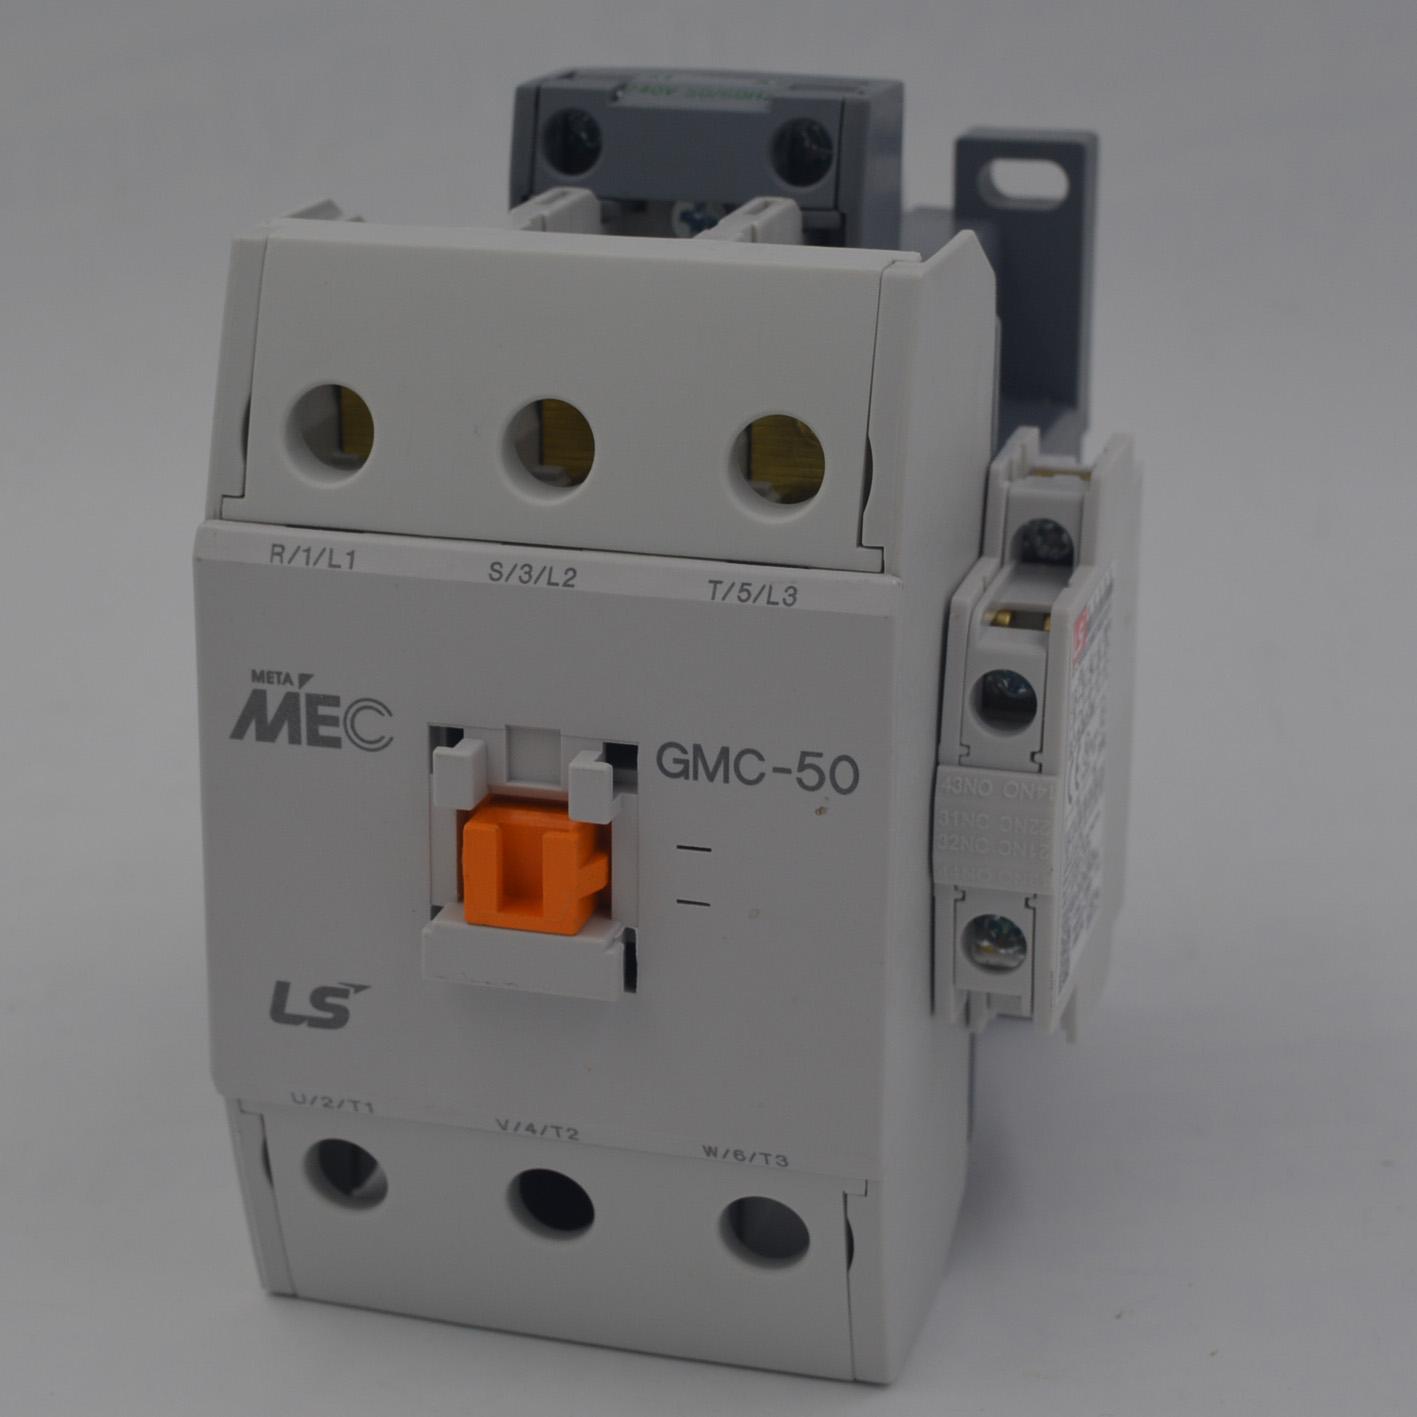 GMC-50